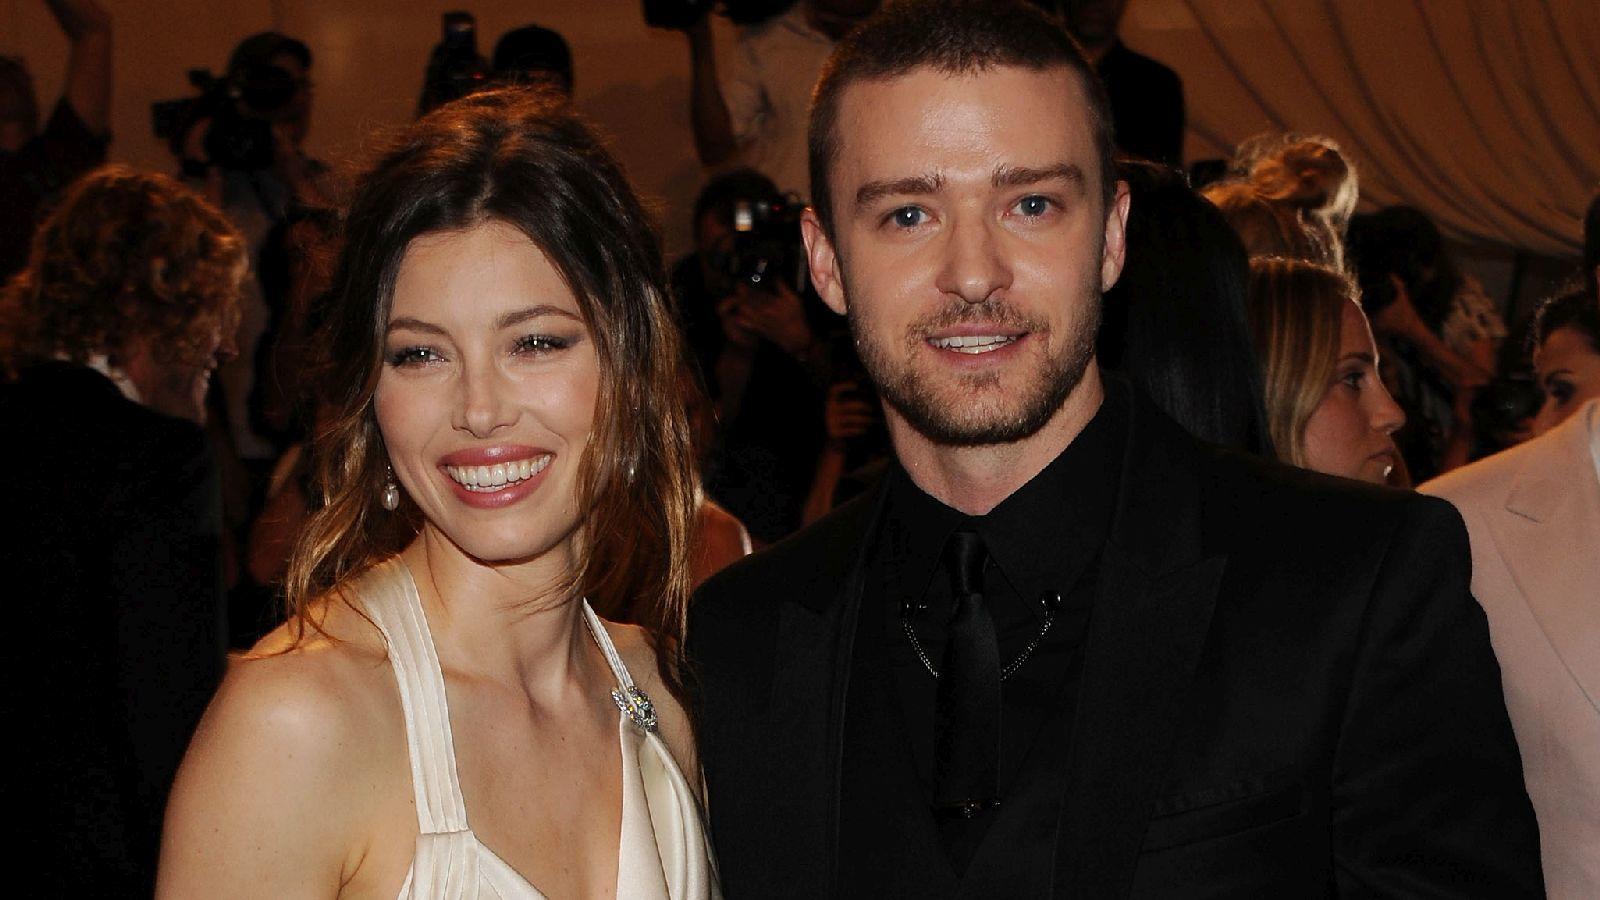 ...a bájos Jessica Bielt, akitől gyereke is született. Sokan találgatták, hogy Timberlake végül ki mellett fog lehorgonyozni: karrierje kezdetén úgy tűnt, hogy elválaszthatatlanok első nagy szerelmével... (Getty Images)